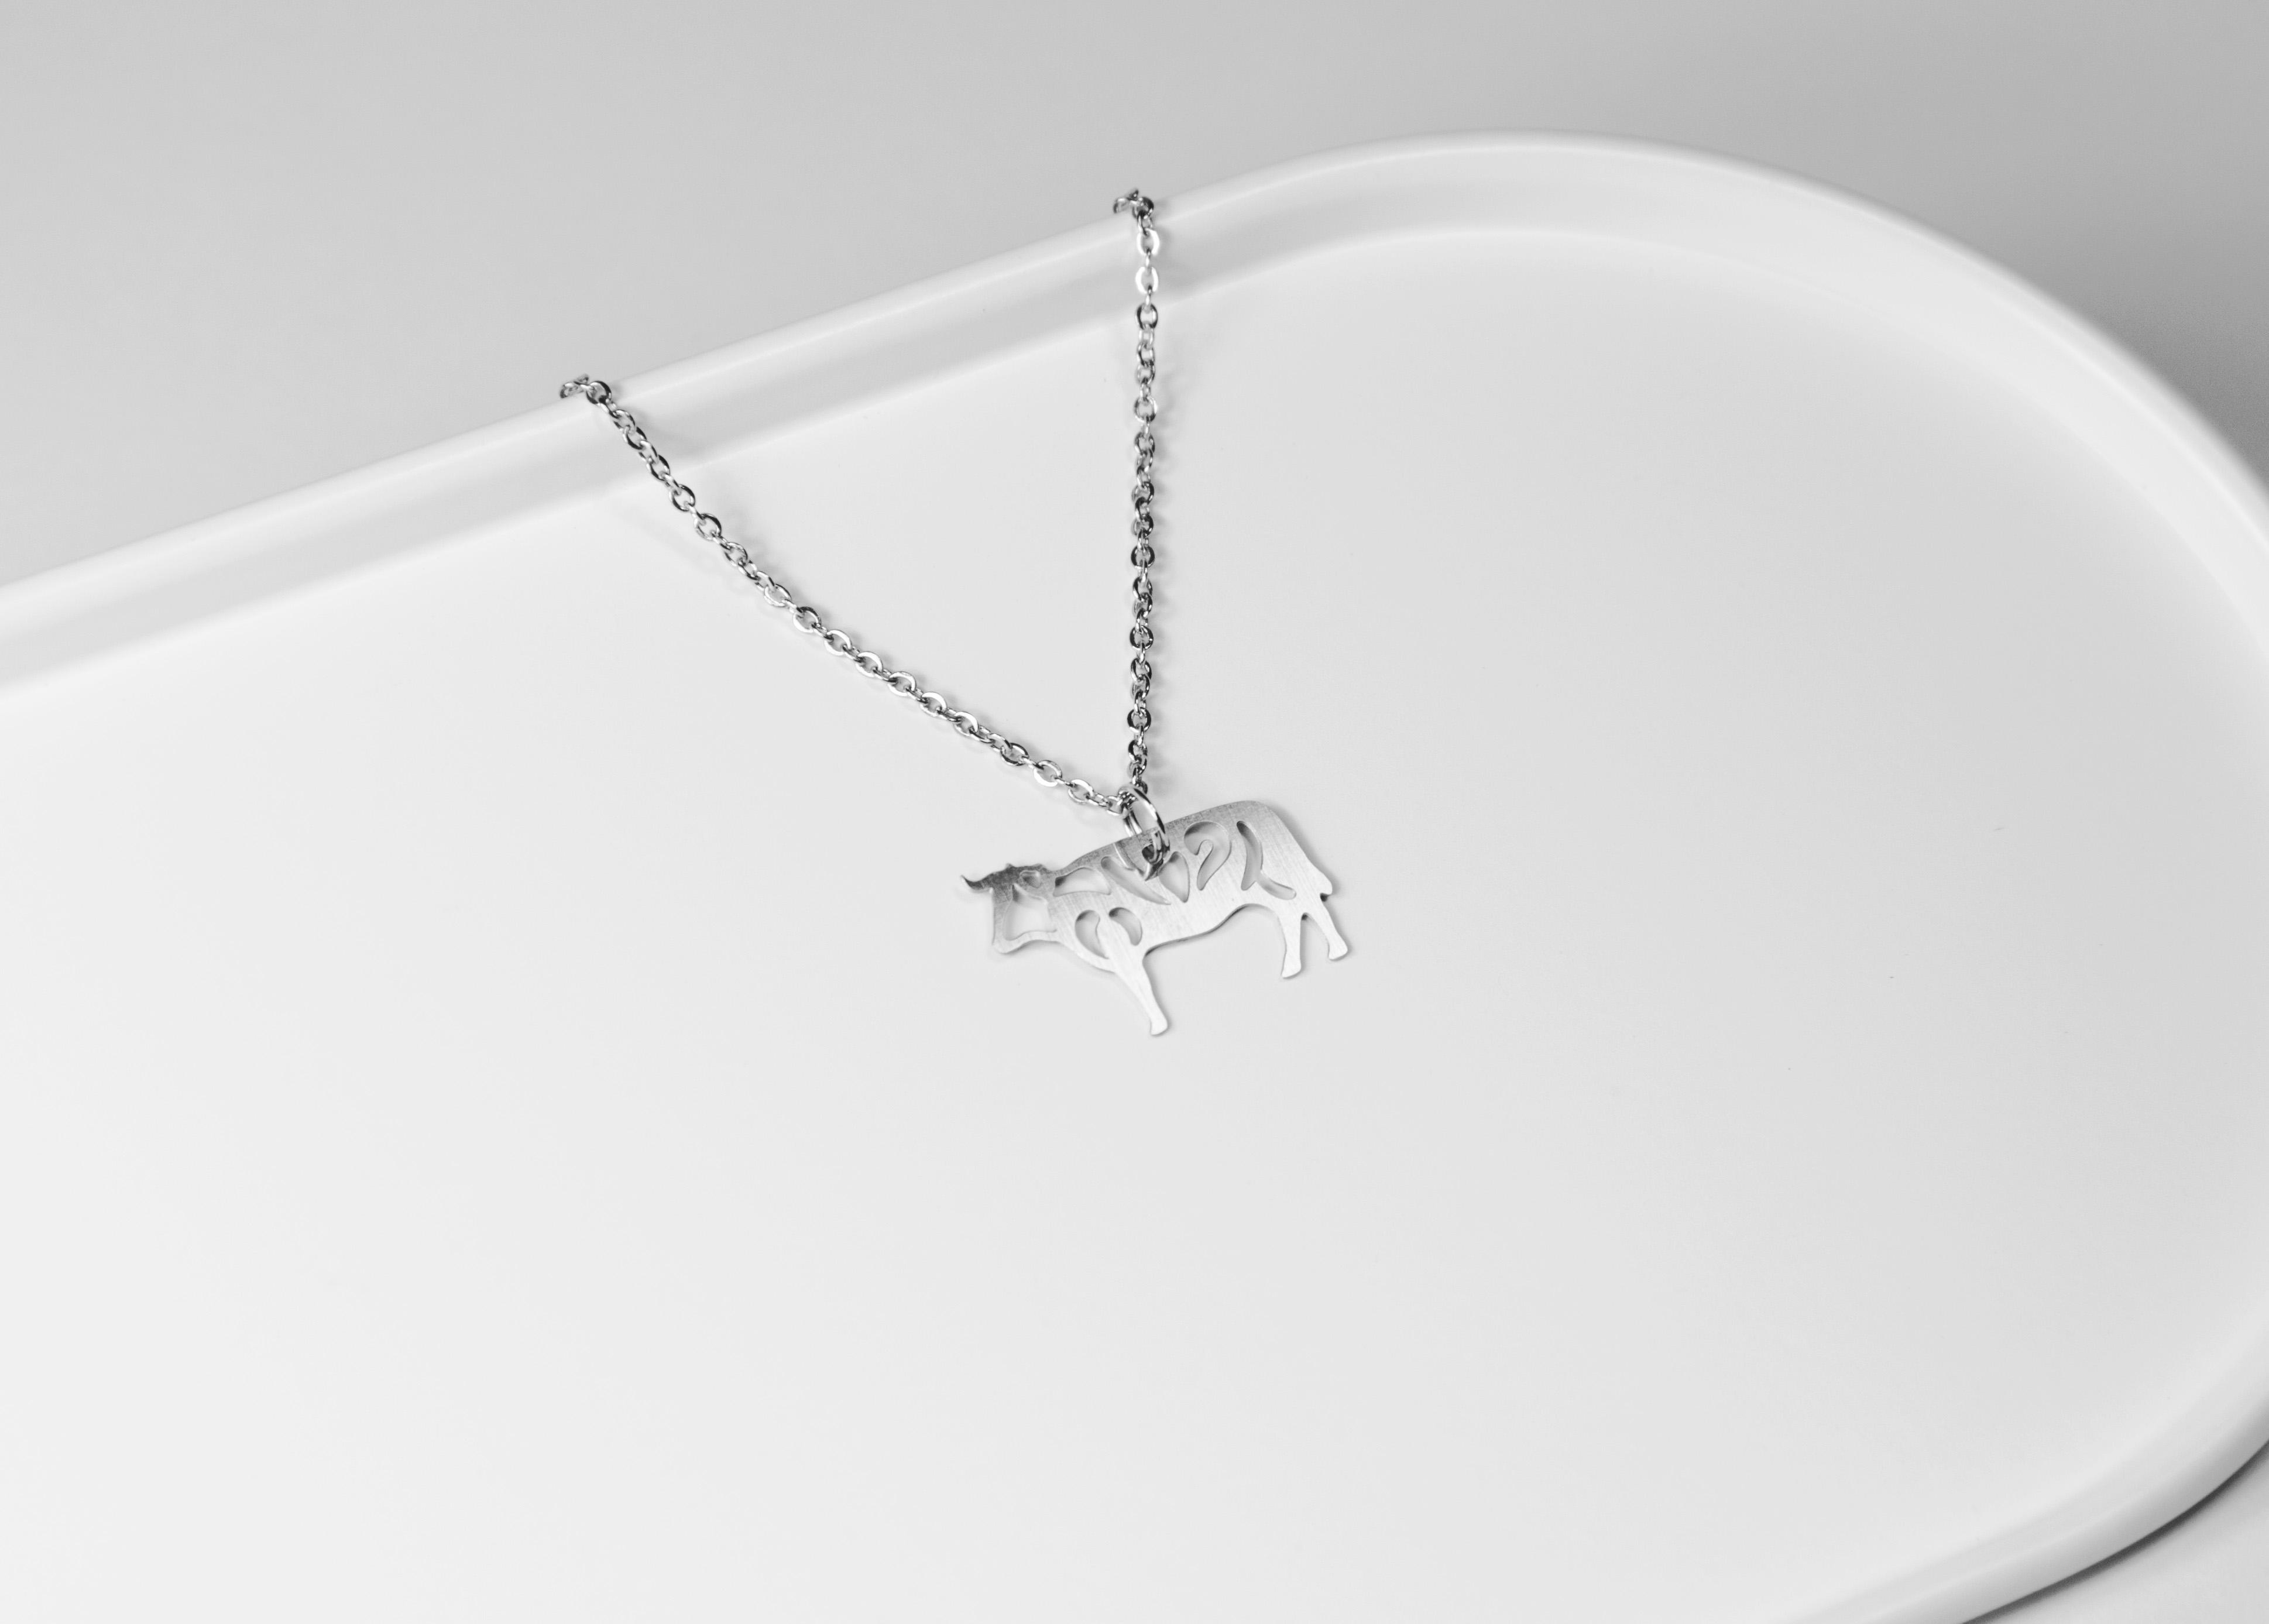 十二生肖─牛 (款式一) 項鍊【迷你款】_動物系列_造題